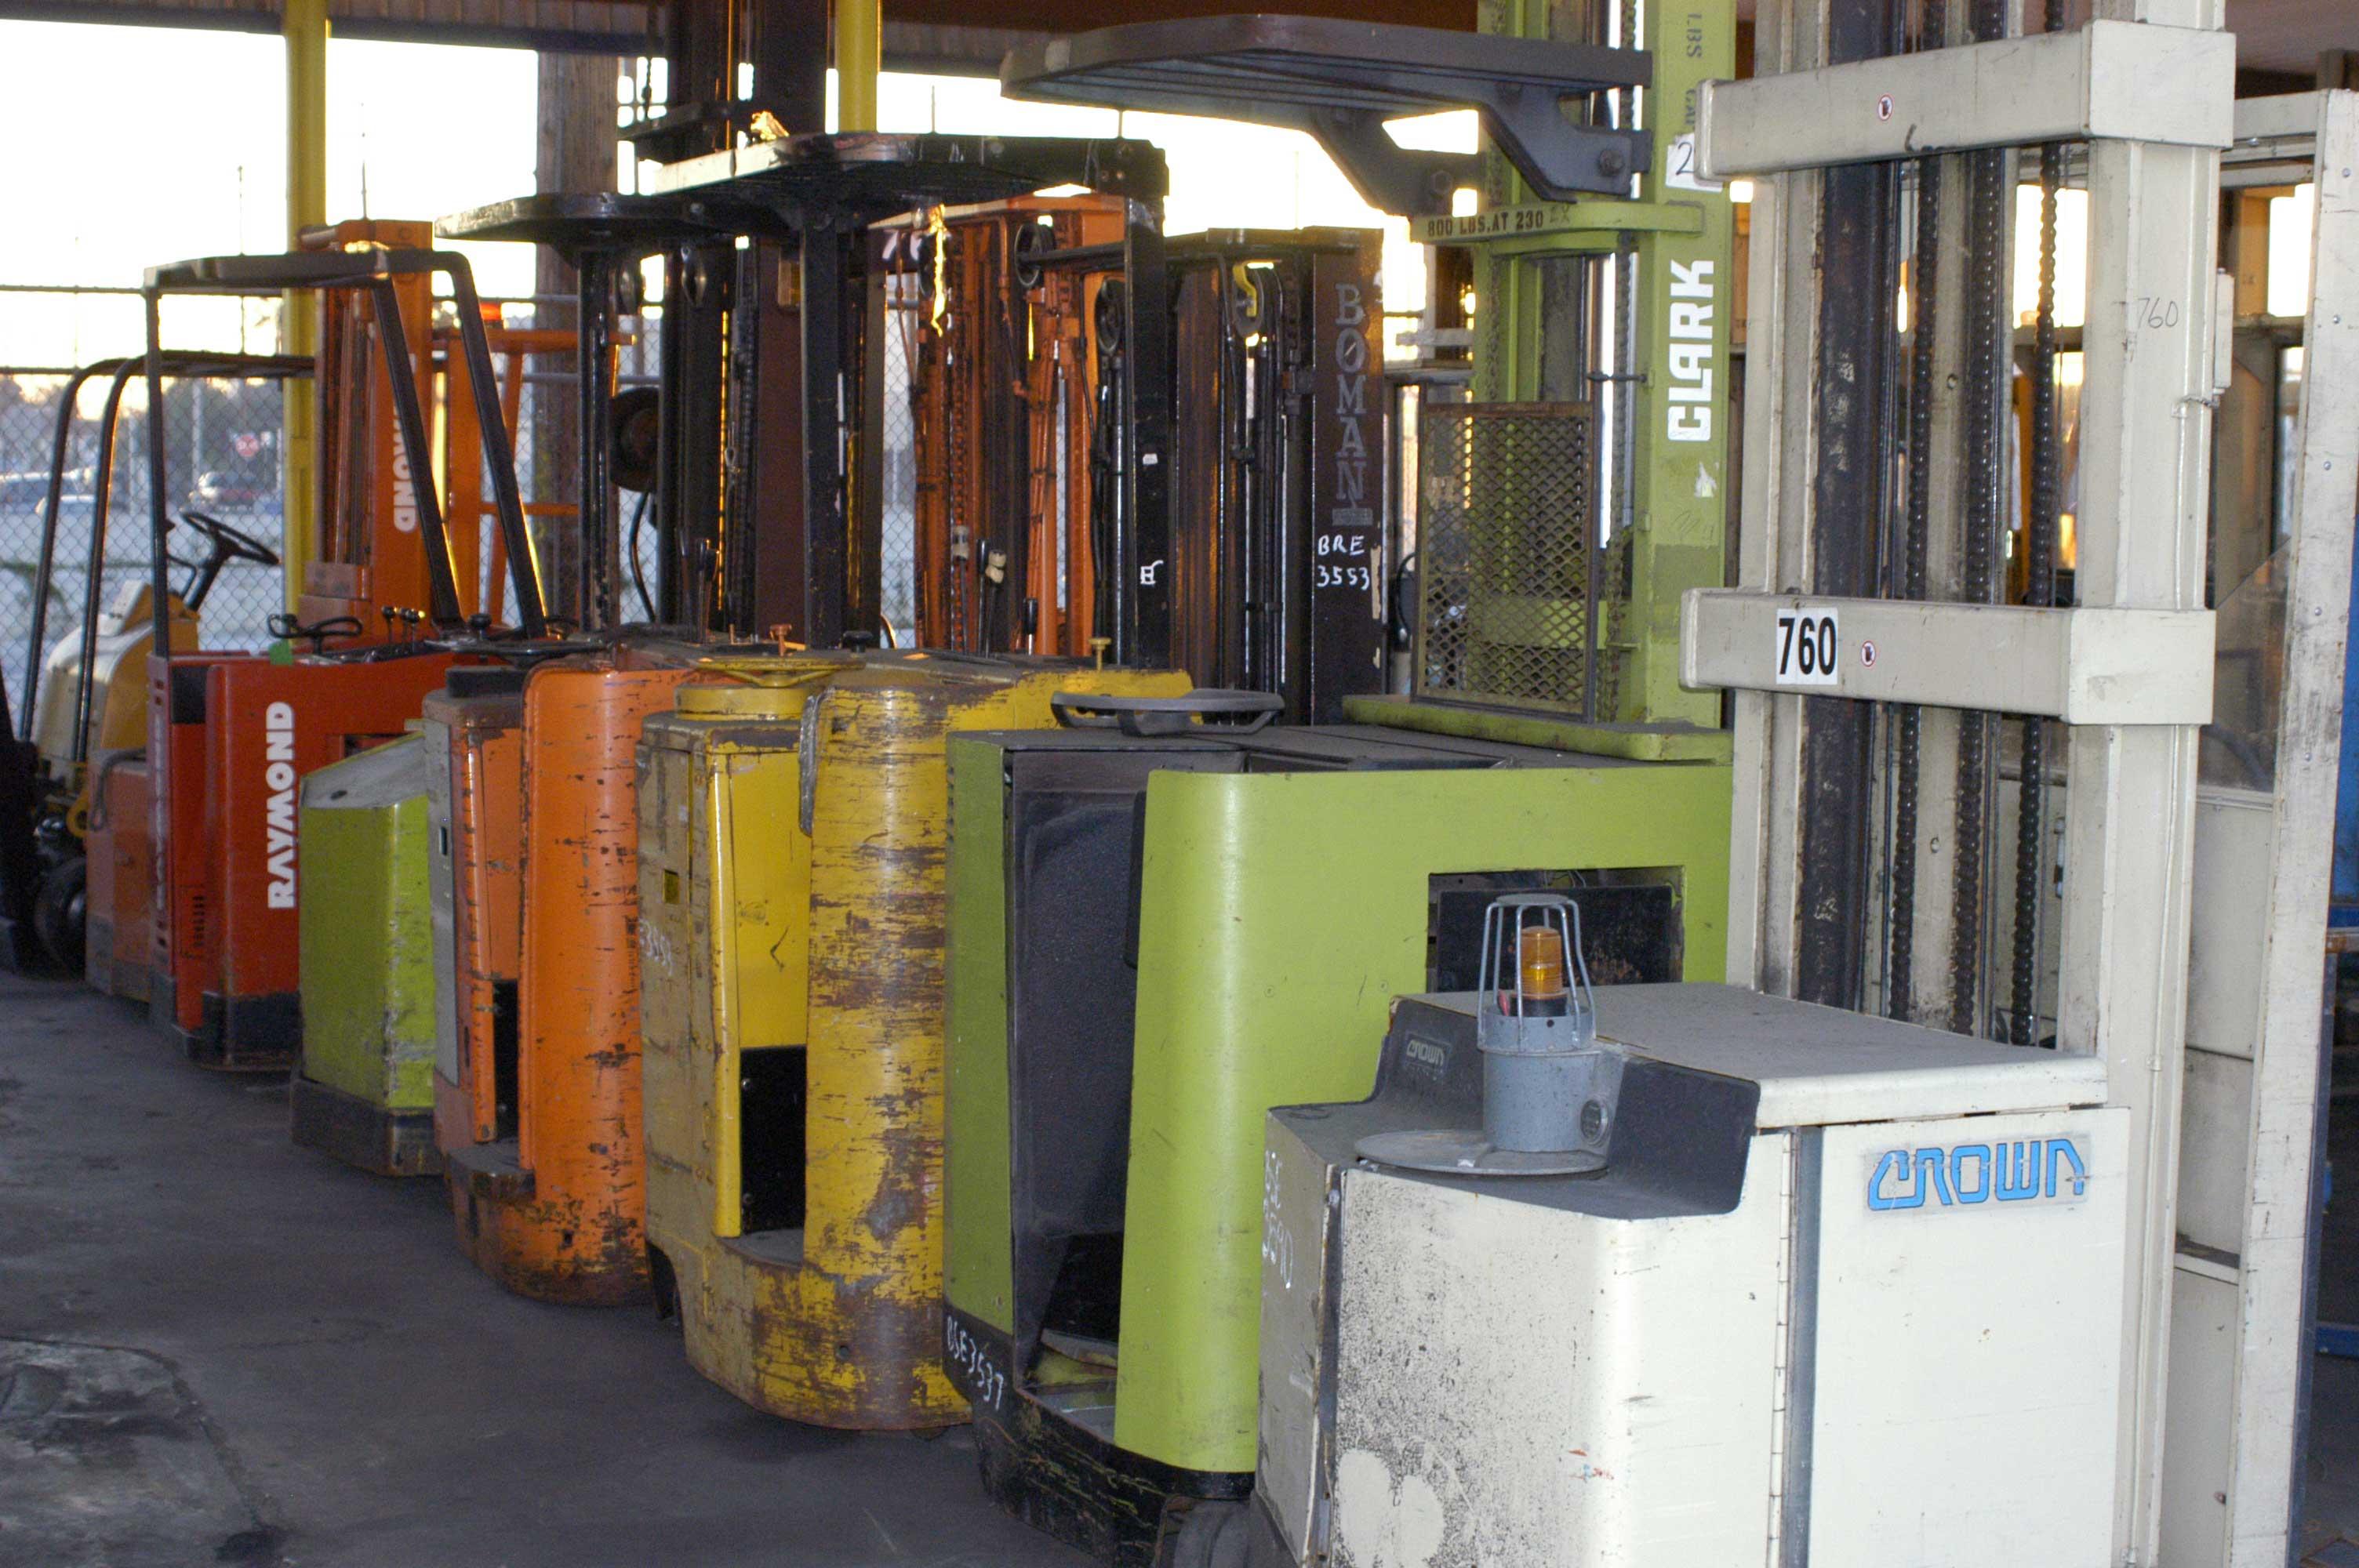 Forklift Rental And Forklift Training